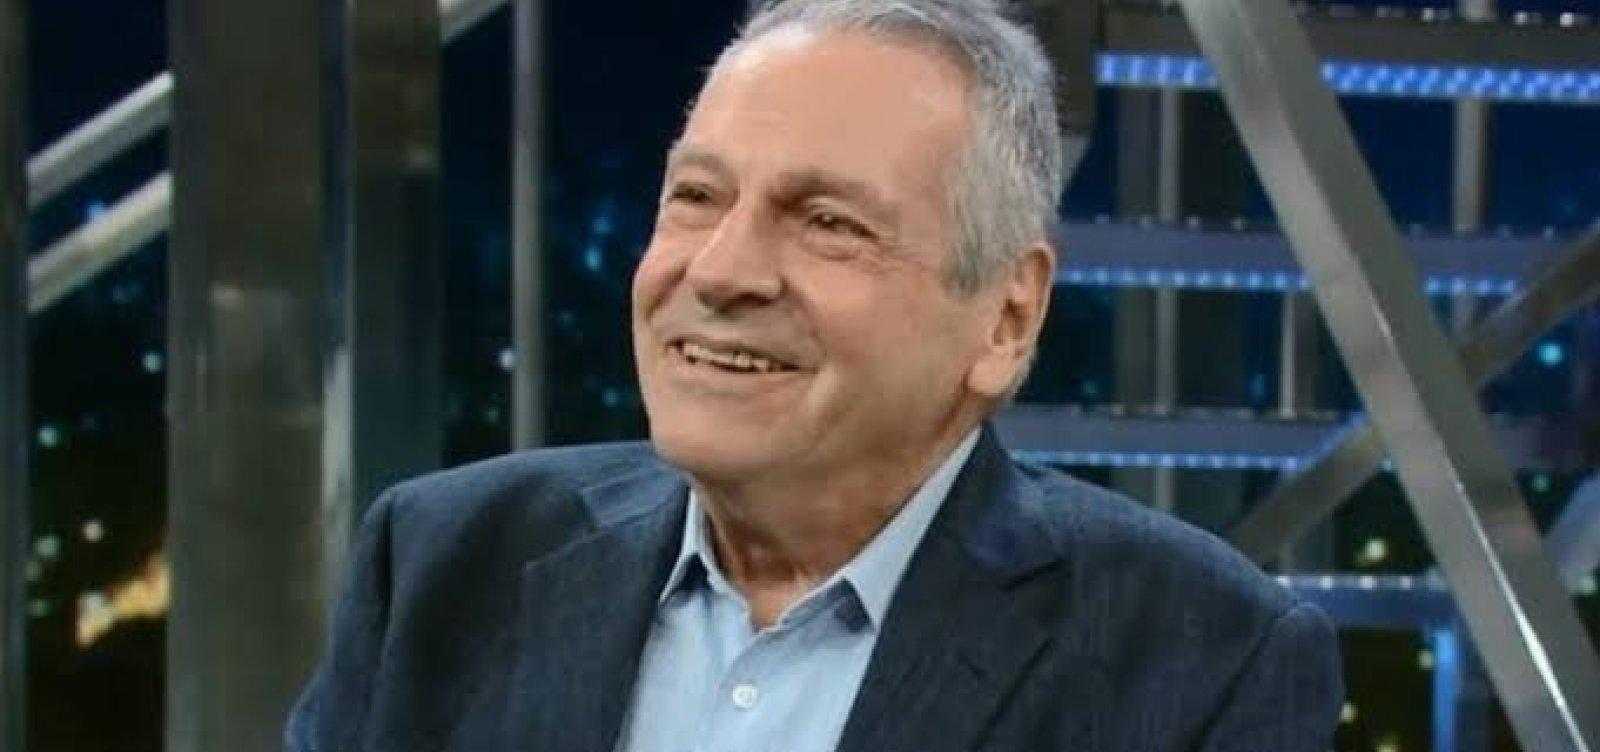 [Dramaturgo e escritor Antonio Bivar morre em São Paulo com Covid-19]